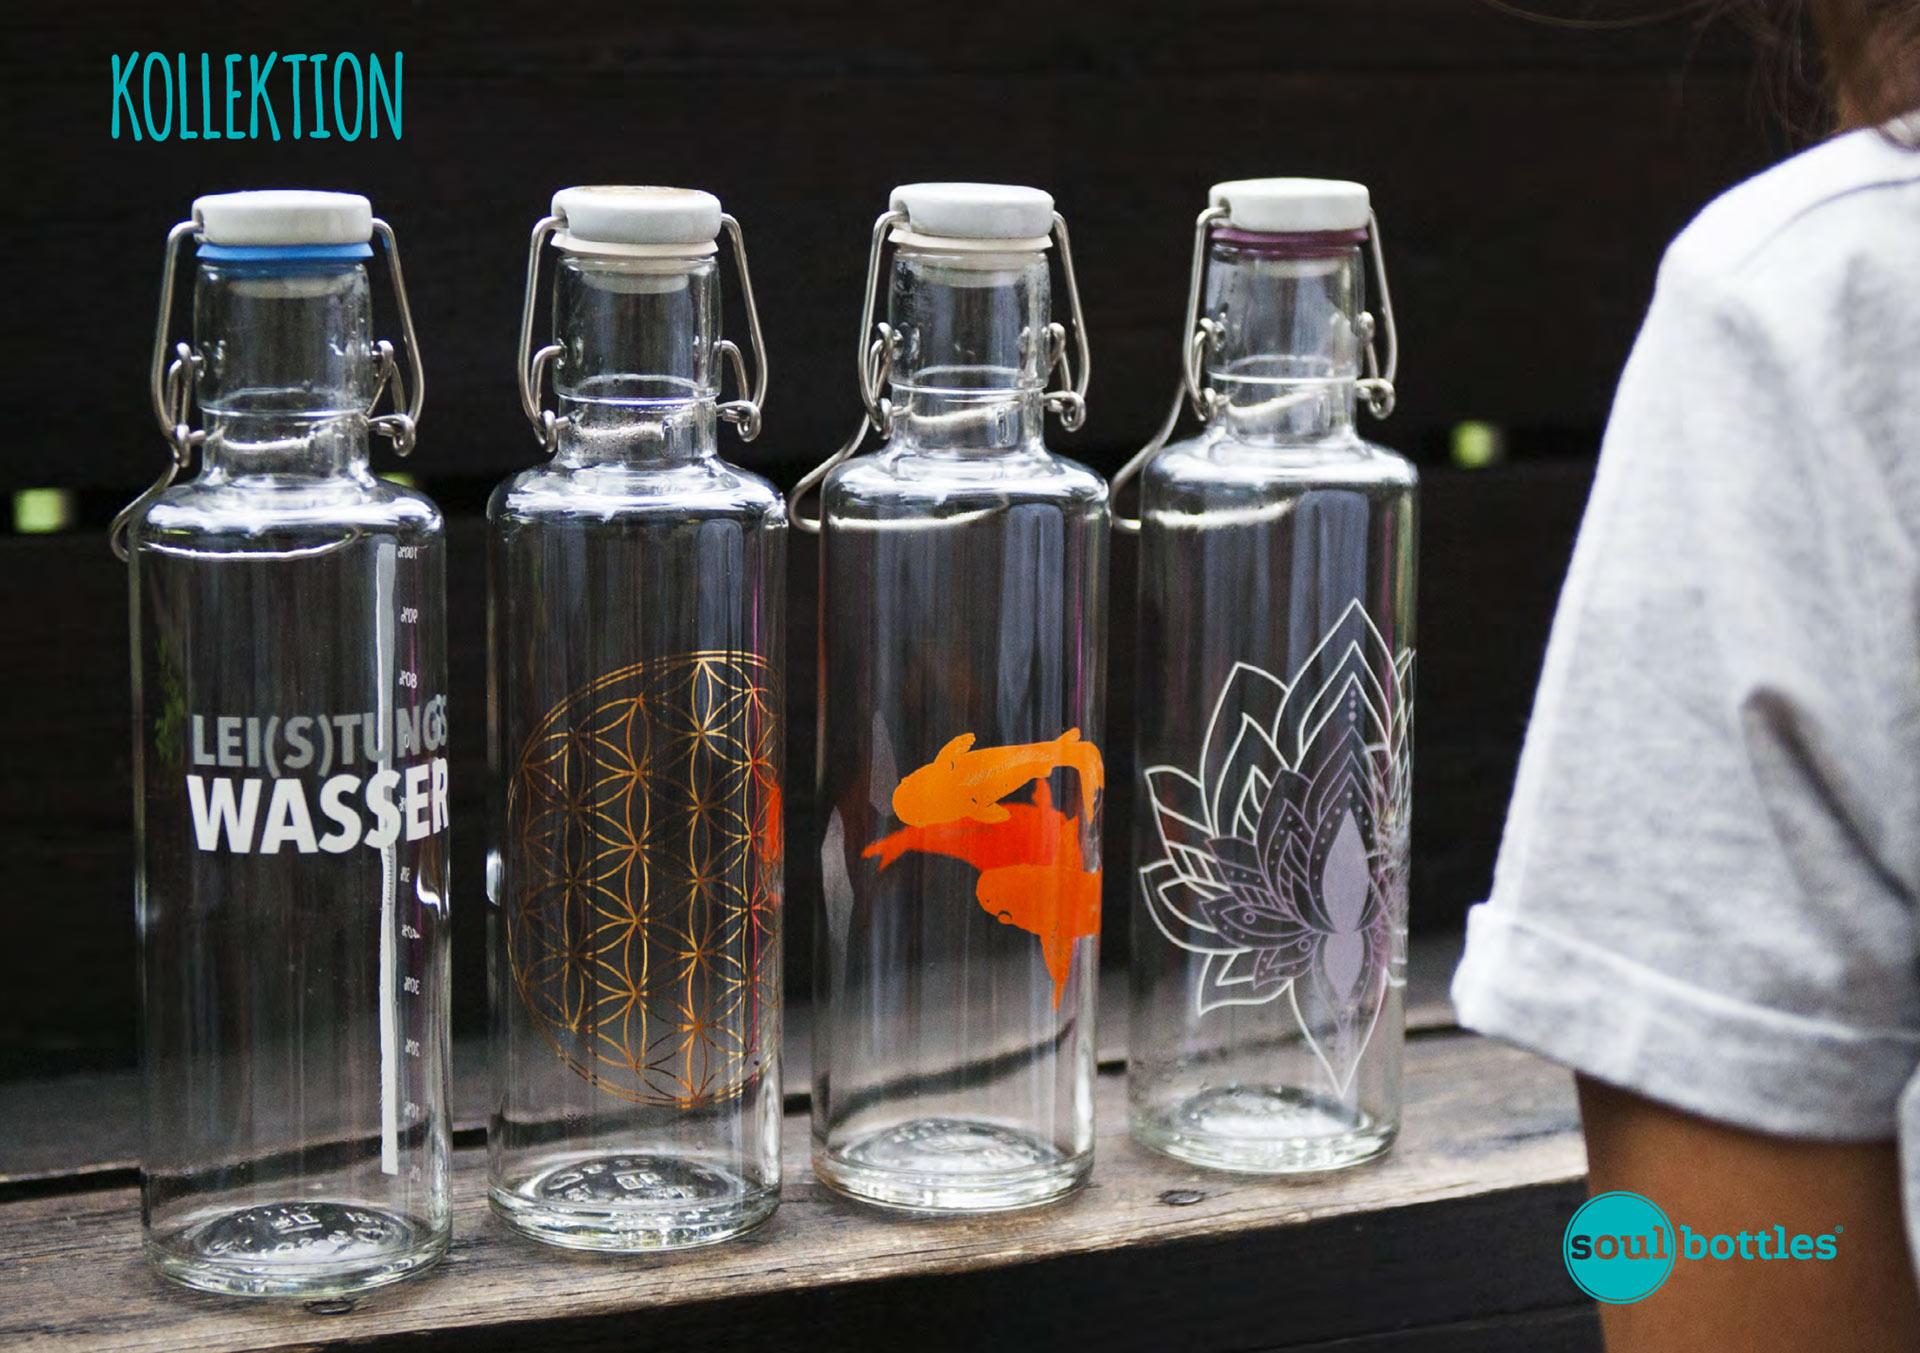 soulbottles · the world's cleanest drinking bottles